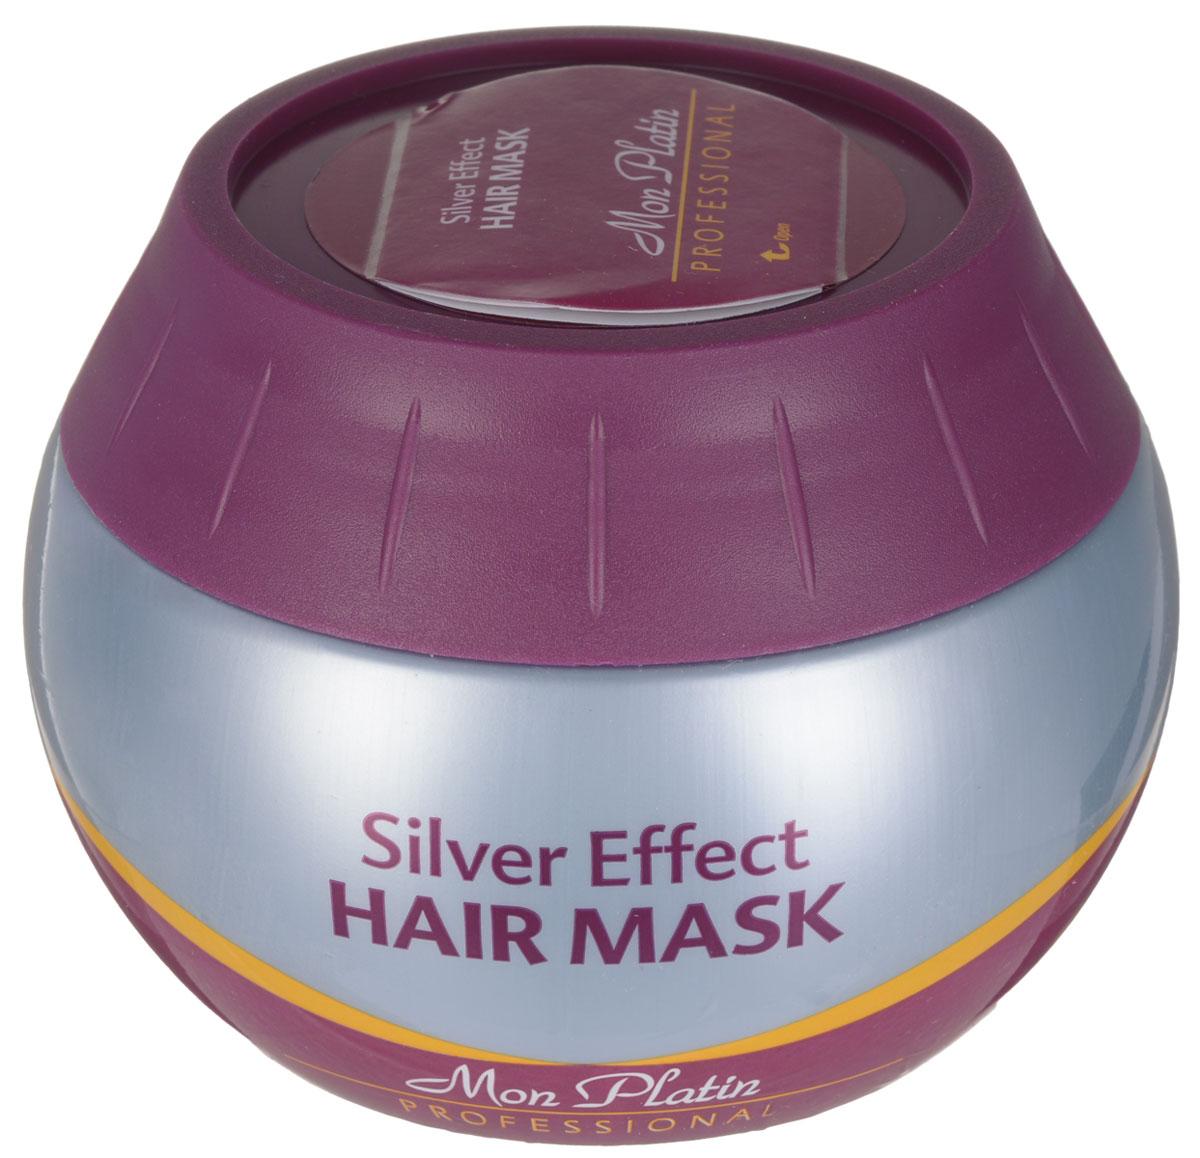 """Mon Platin Professional Маска для волос «Silver» 300млFS-00103Маска для устранения желтоватого оттенка с волос цвета """"блонд"""" и/или с мелированных/тонированных волос/. Подходит также для приглушения седины. Придает волосам мягкость, эластичность, блеск и здоровый вид. Маска содержит увлажняющий комплекс, прополис, оливковое масло и мед."""